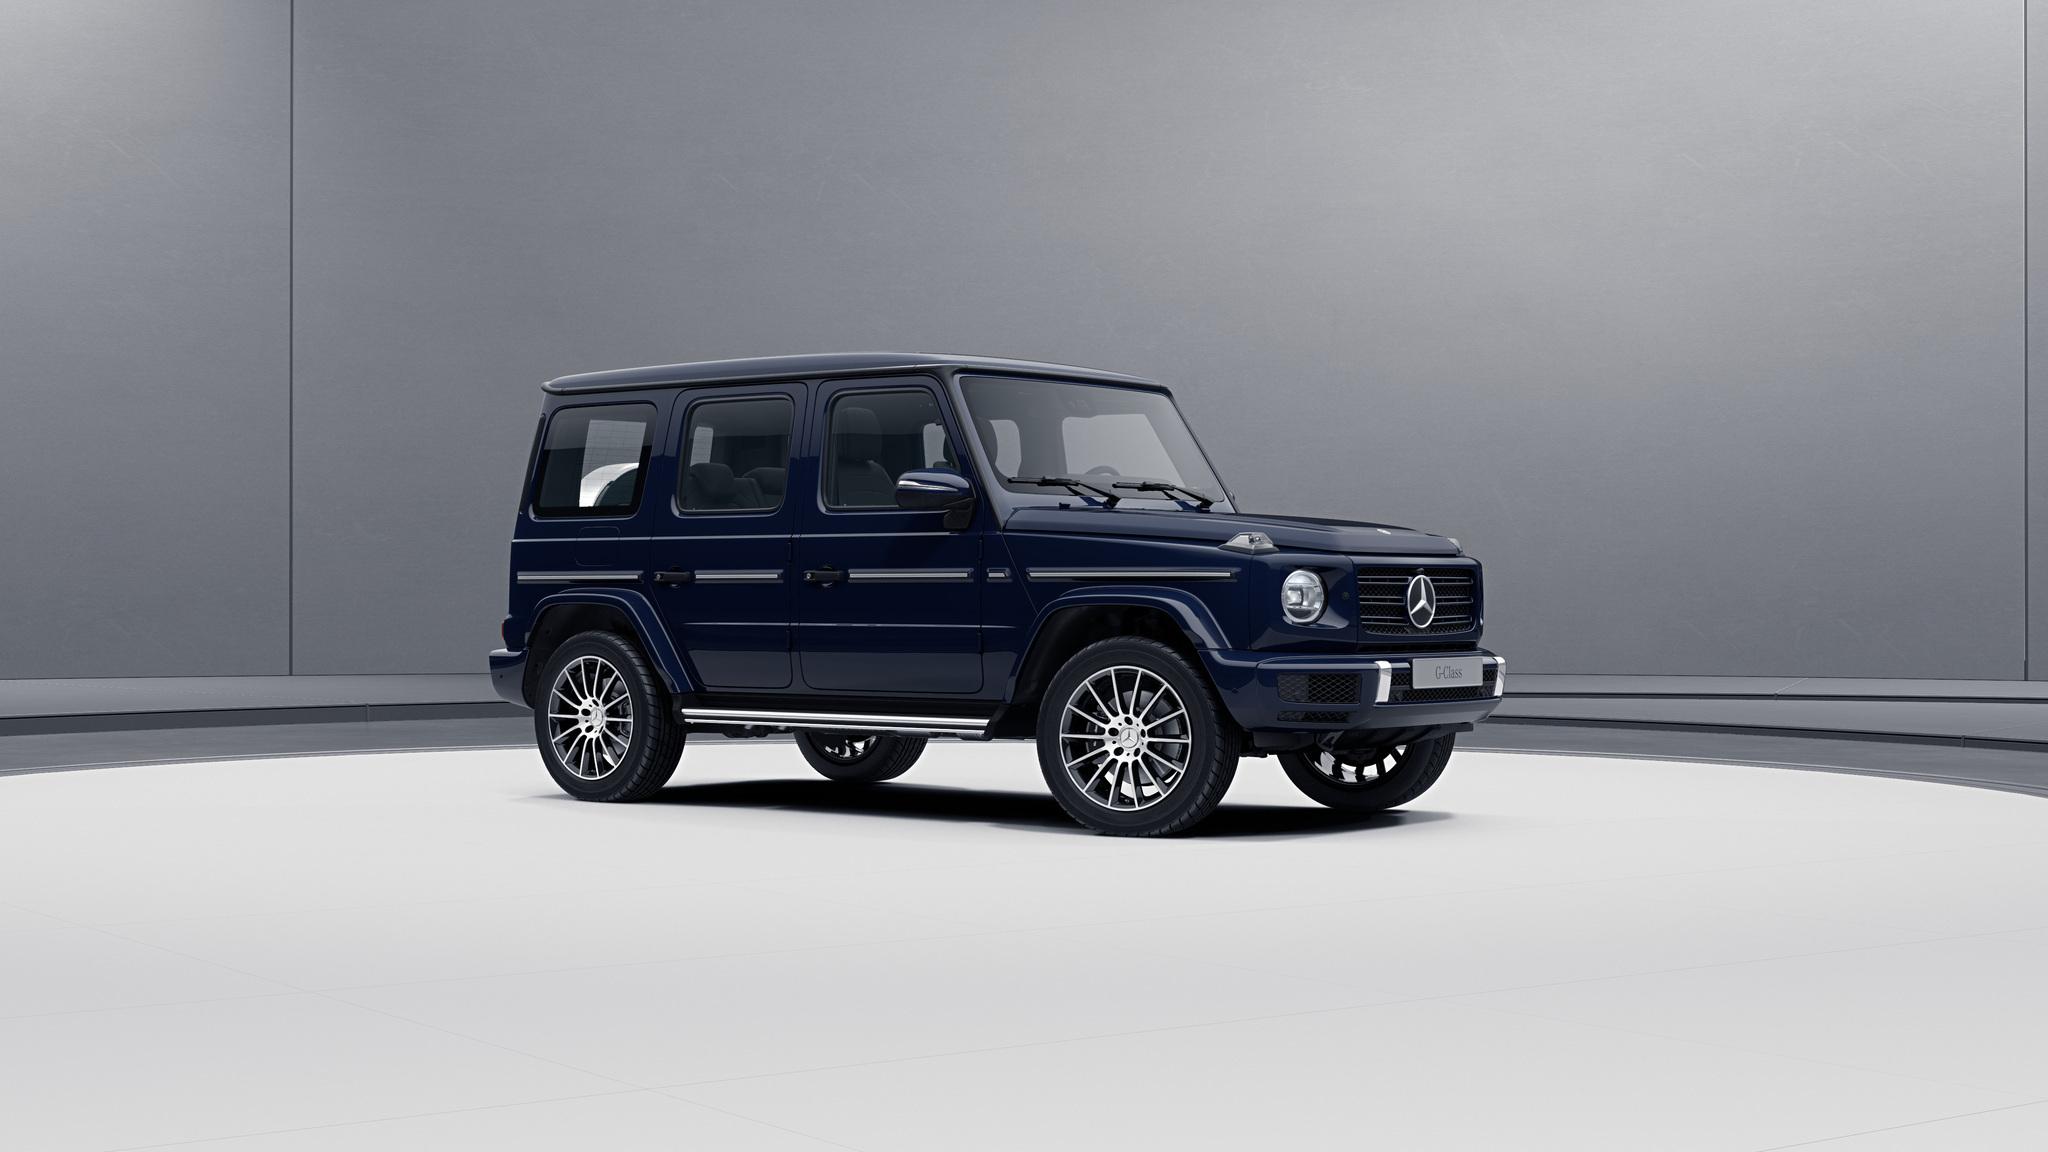 Vue de trois quarts de profil de la Mercedes-Benz classe G avec la peinture standard - bleu foncé standard G manufaktur